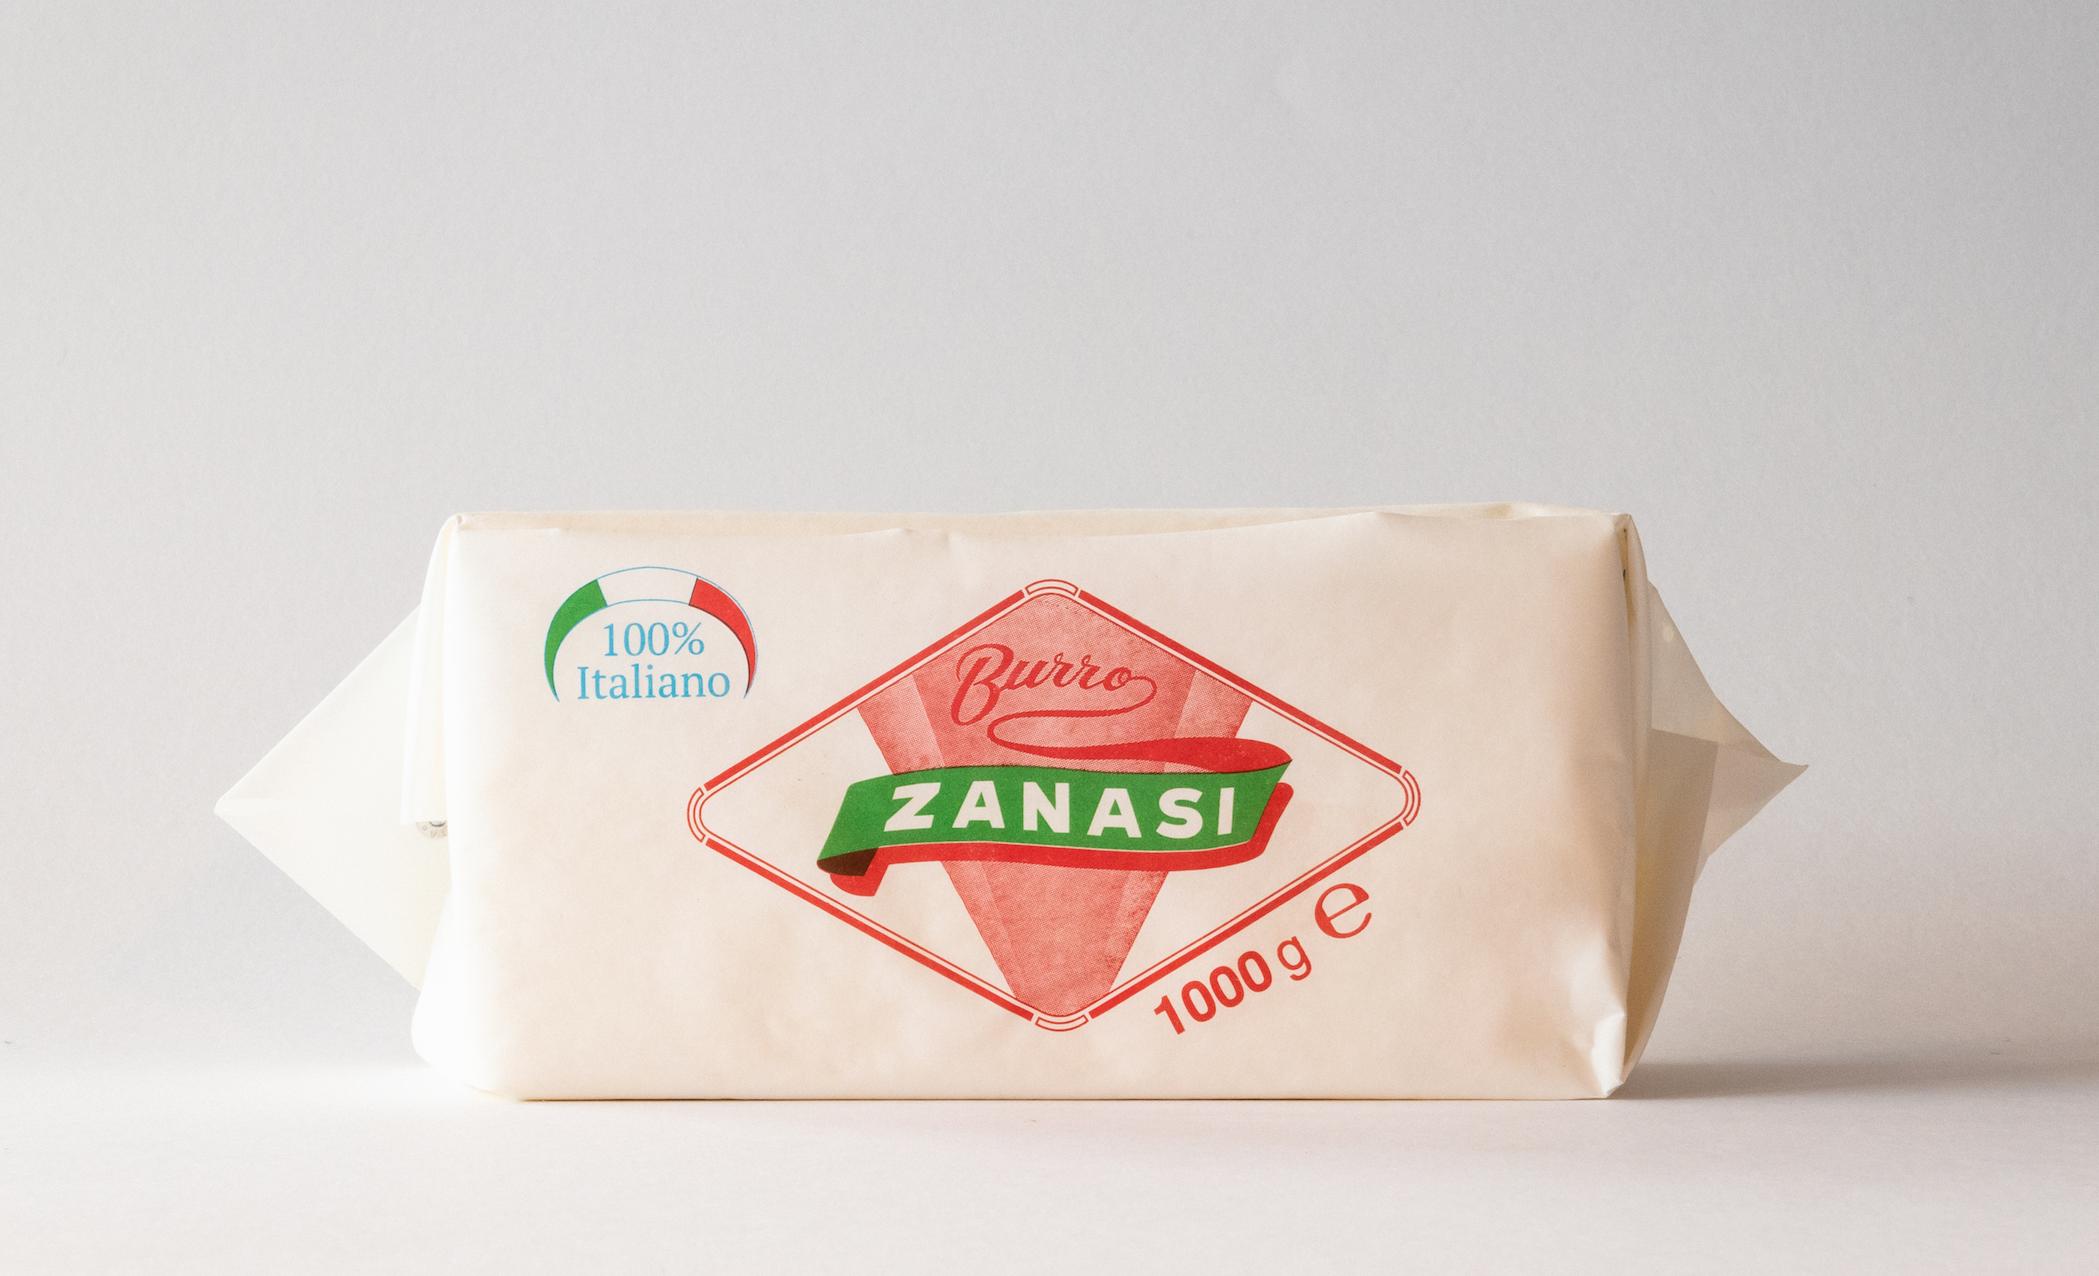 Burro Zanasi 1000gr - Uno degli storici formati del marchio, prodotto da panne 100% italiane